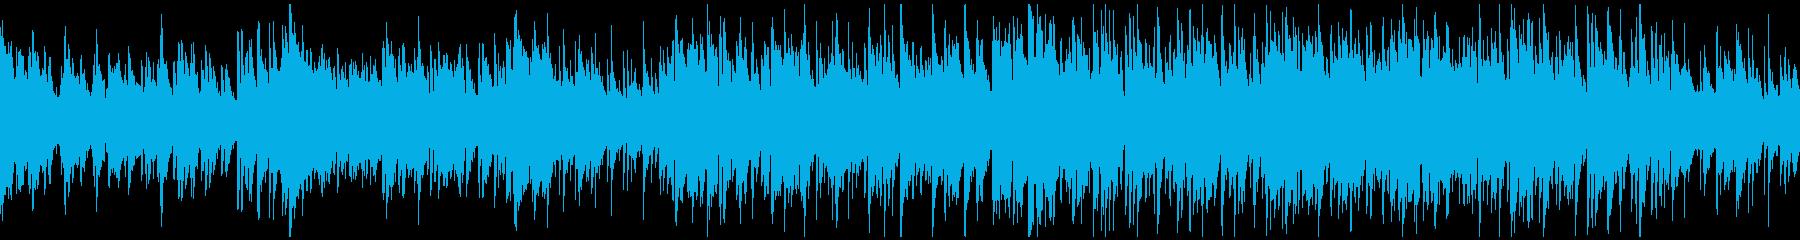 爽やかな切ないボサノバ・ジャズ※ループ版の再生済みの波形